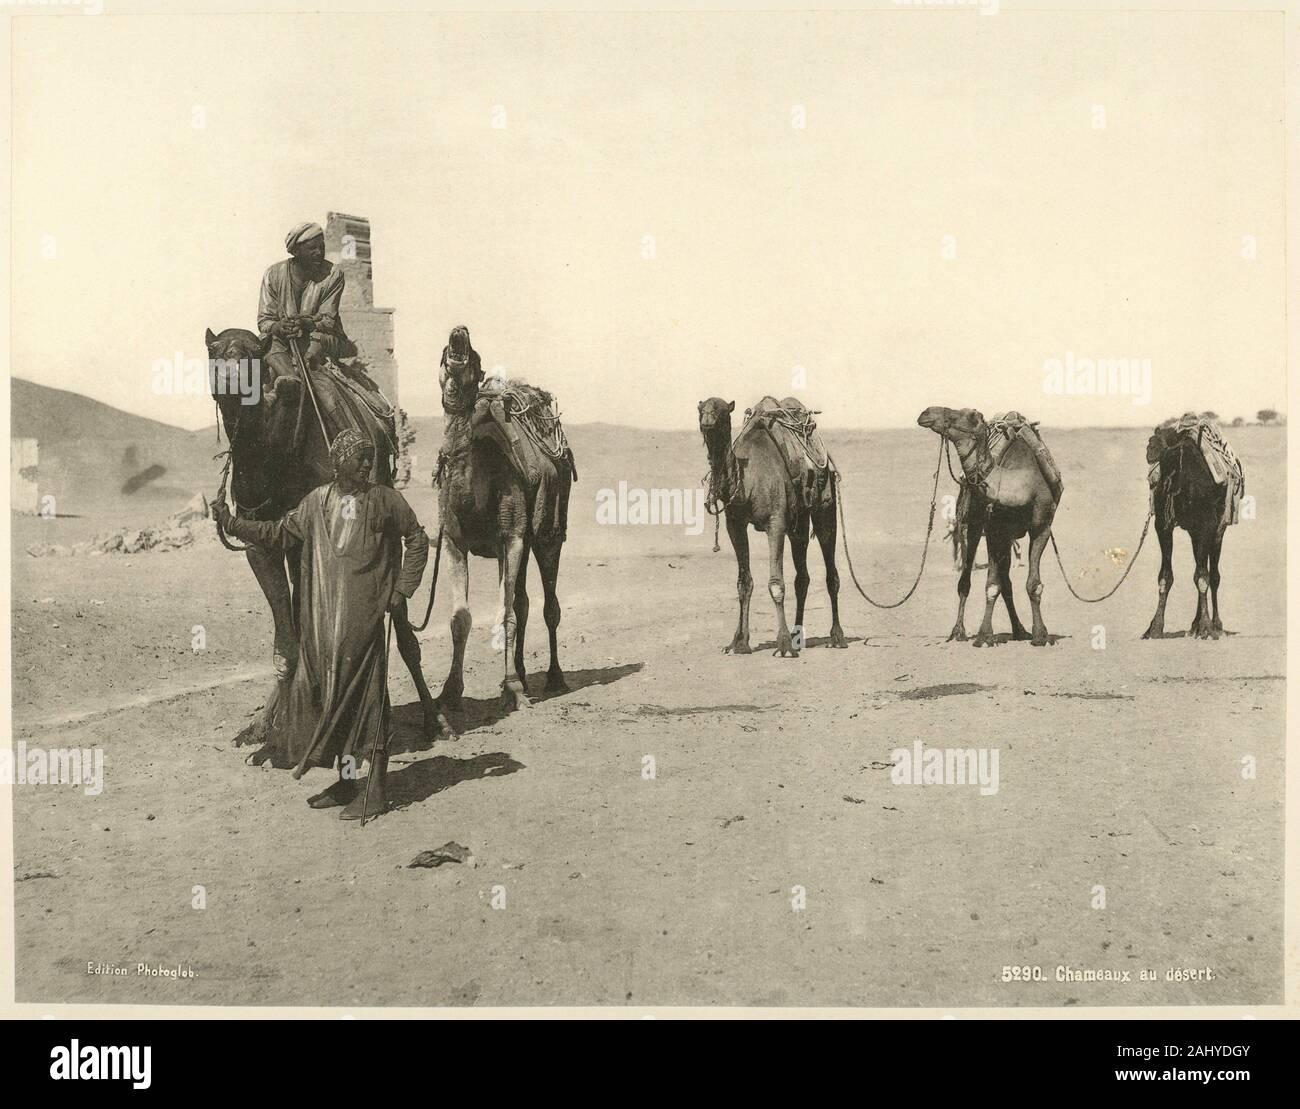 Los camellos en el desierto. Schroeder & Cie (Impresora) Edición Photoglob (editor). La vida y los paisajes de Egipto: estudios en heliotypies extrae de Foto de stock